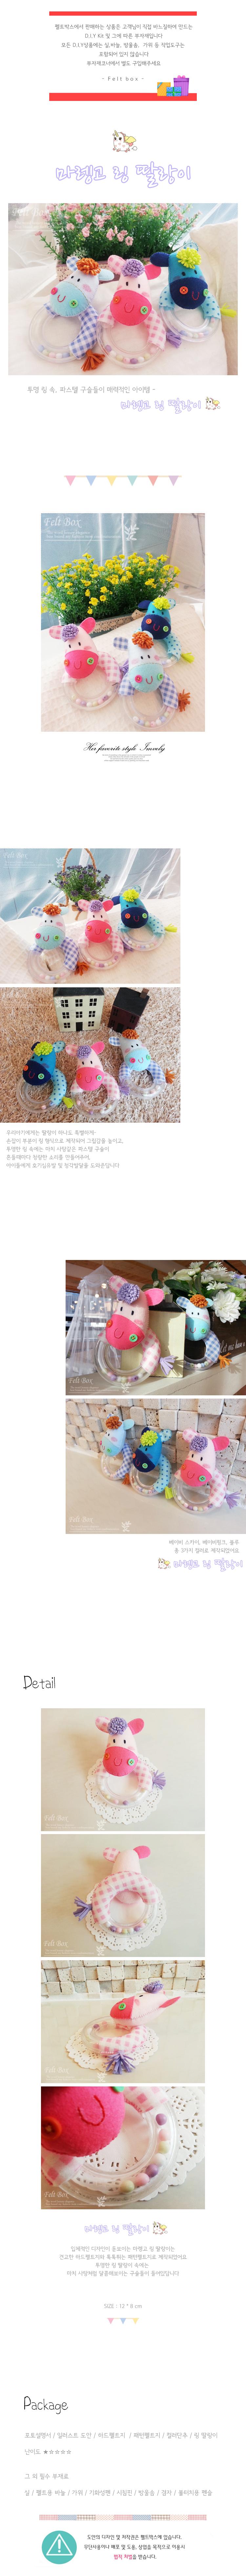 반제품 DIY kit  마렝고링딸랑이 - 펠트박스, 4,500원, 펠트공예, 펠트인형 패키지